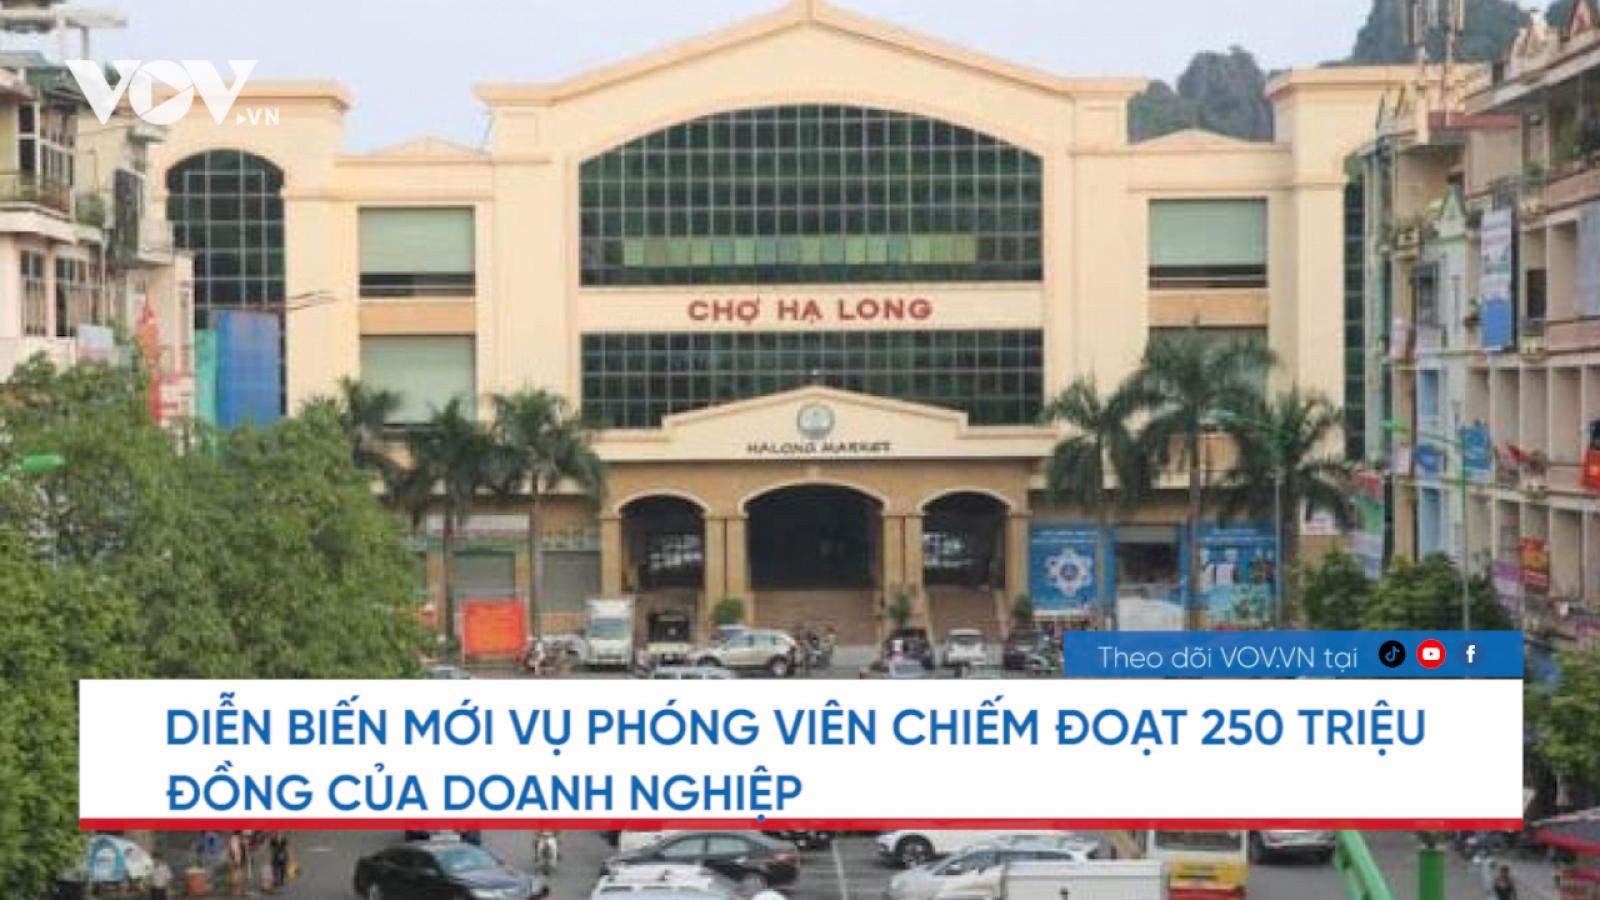 Nóng 24h: Bắt Trưởng văn phòng đại diện báo Nông thôn ngày nay khu vực Đông Bắc